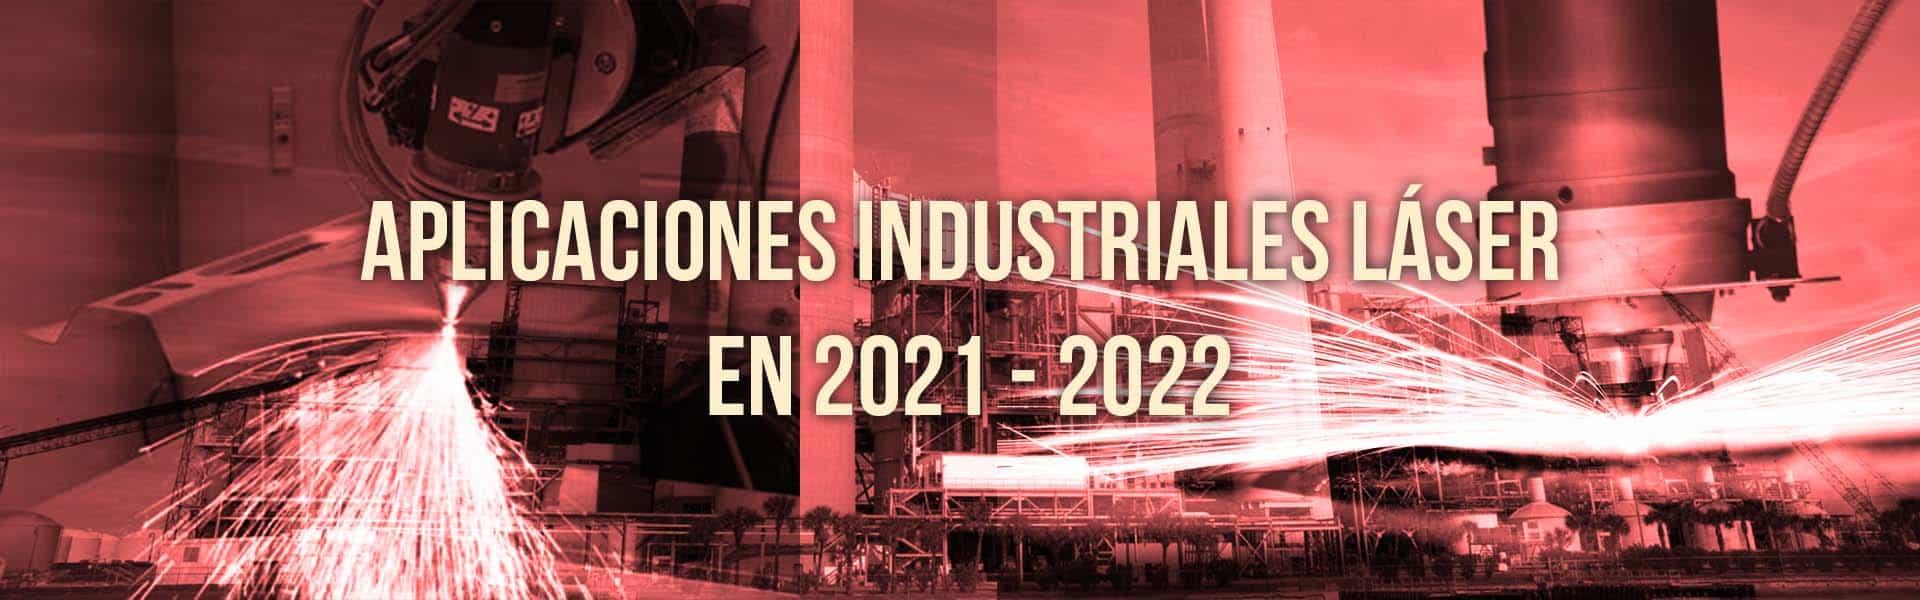 cabecera aplicaciones industriales laser 2021 2022